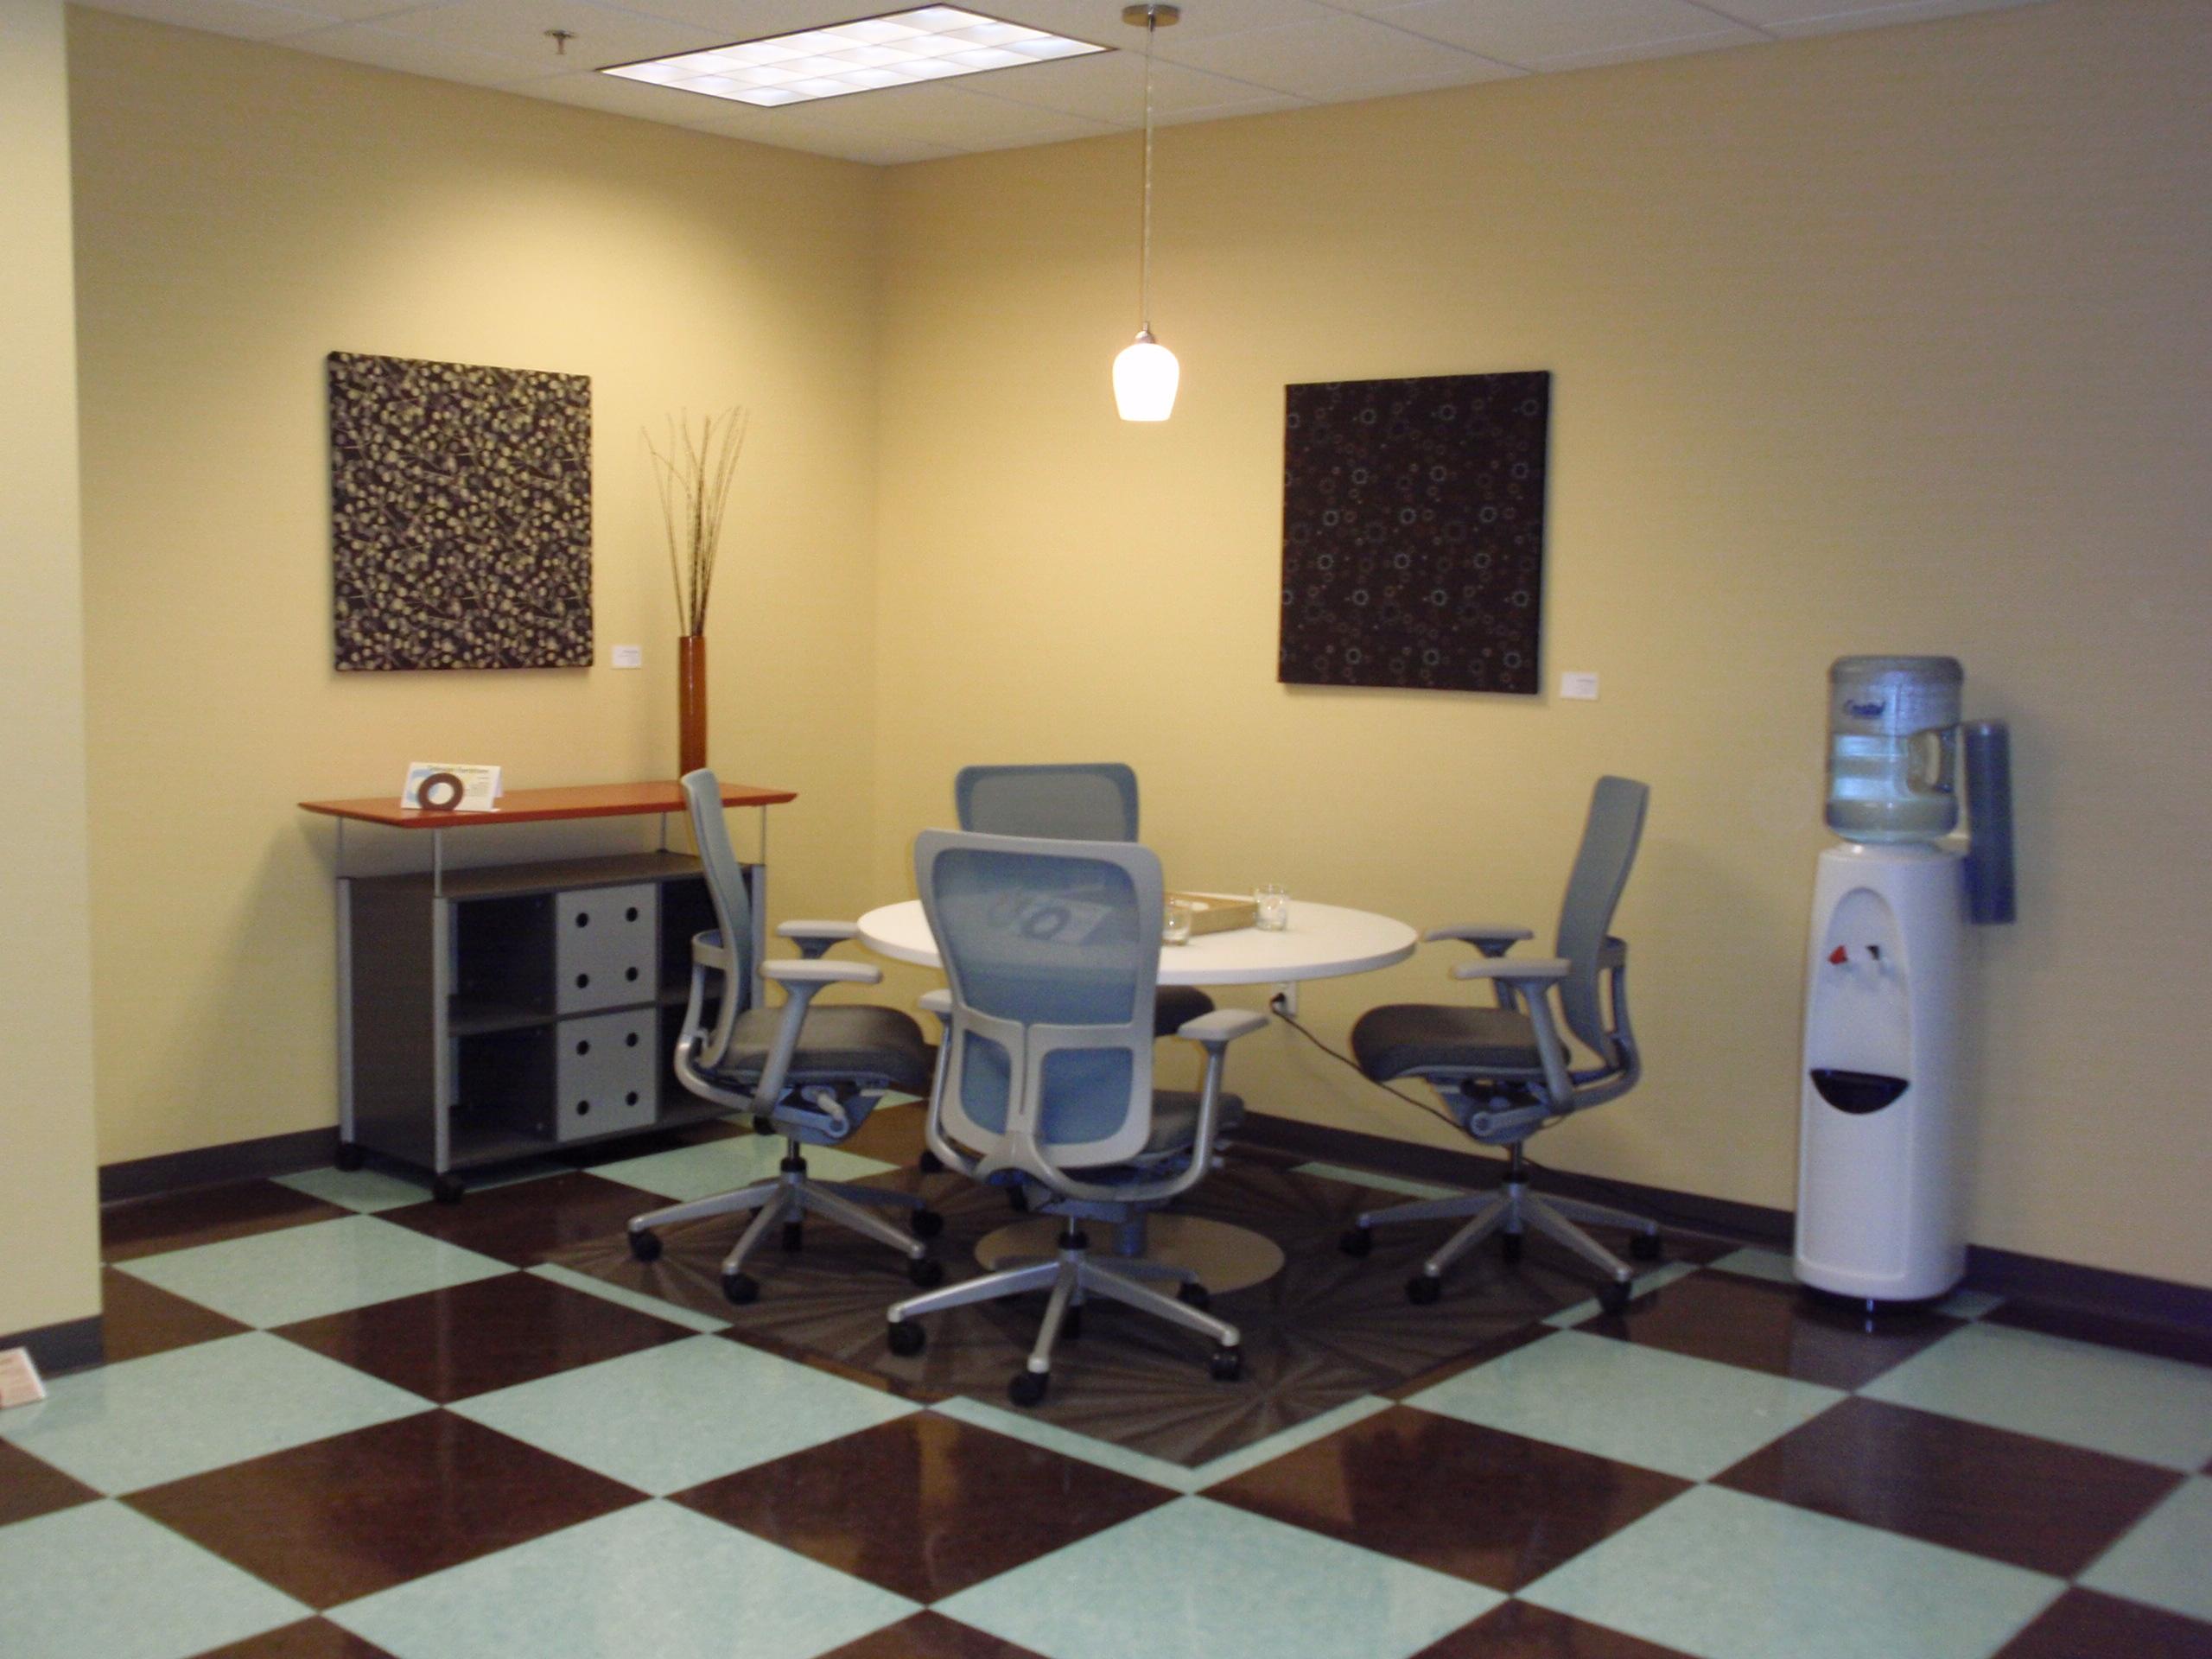 Ideas Architecture Relocation April 2008 By Julie Lanier